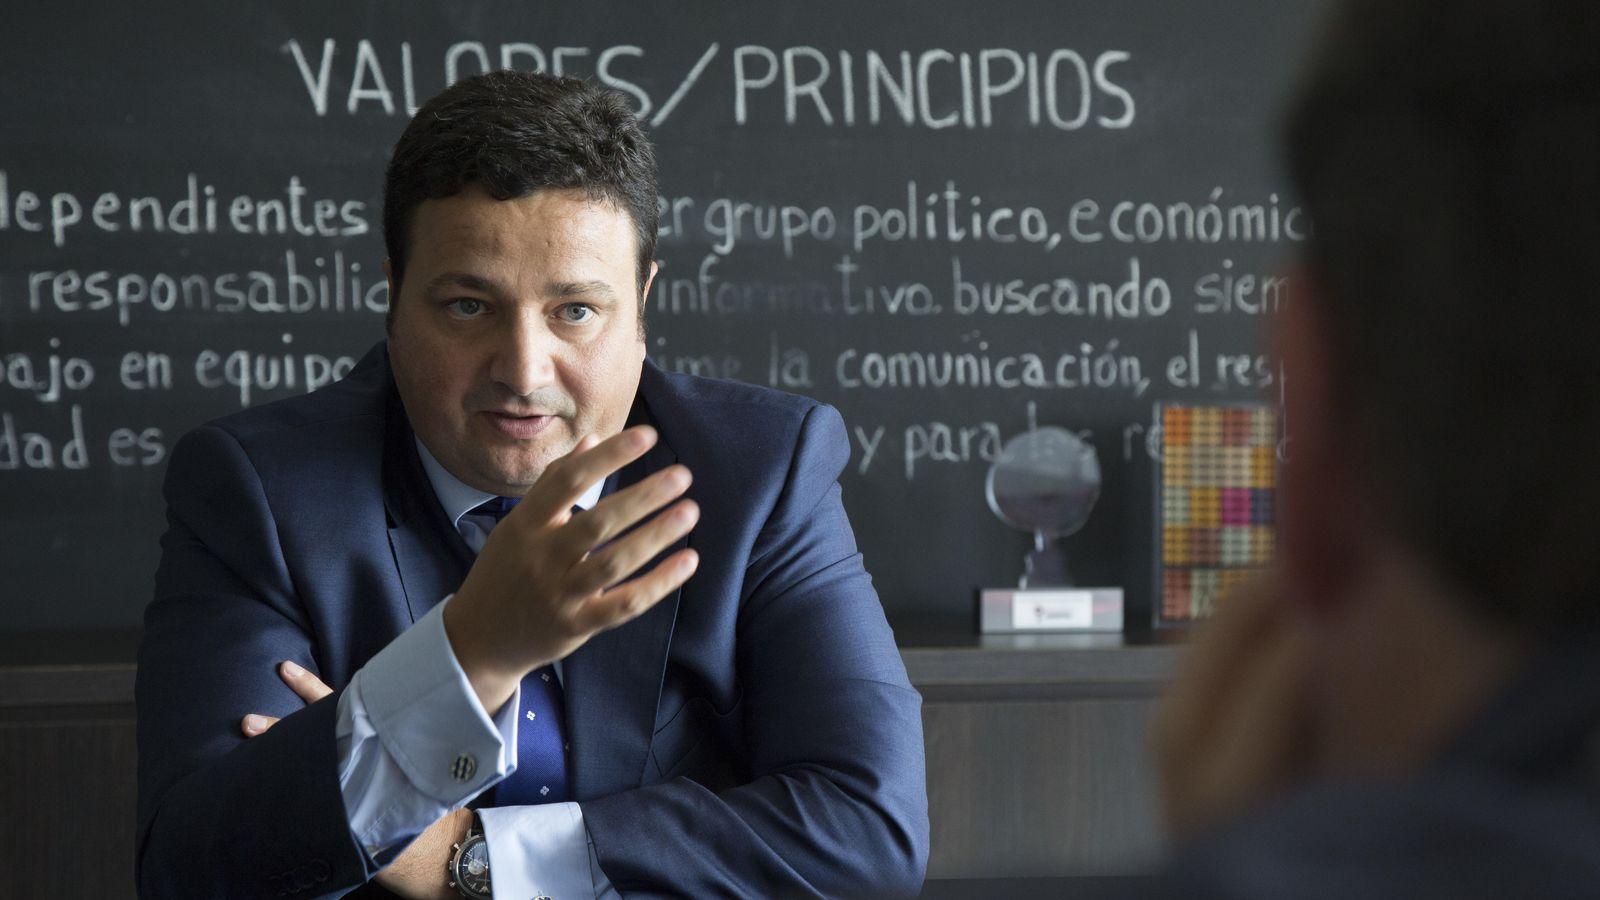 Foto: Óscar Graefanhain, director general del CSD, durante su visita a El Confidencial. (Fotos: Francisco Javier Martínez)